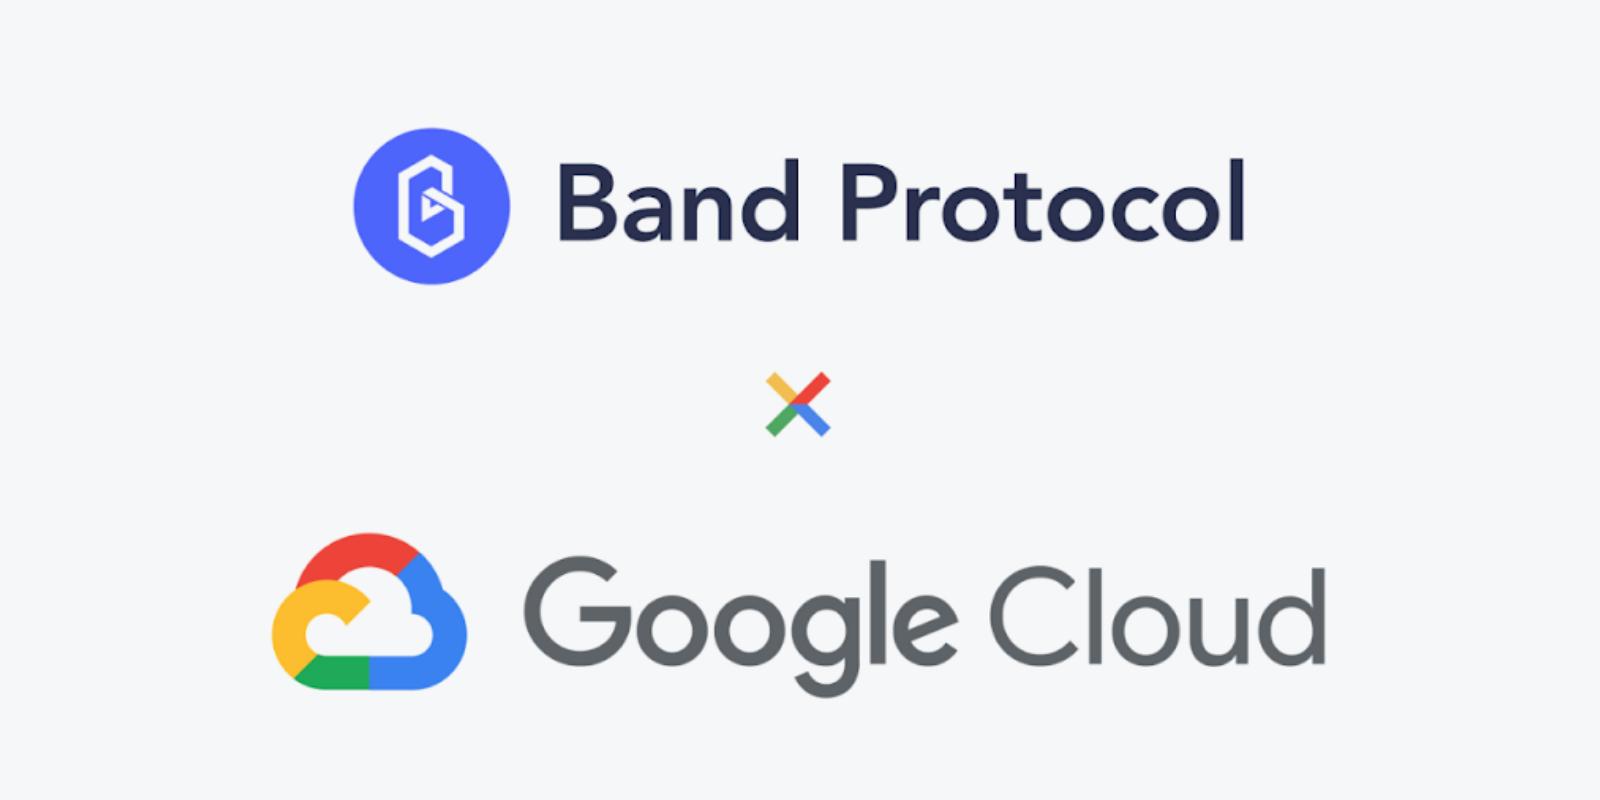 Google Cloud intègre les oracles décentralisés de Band Protocol (BAND)